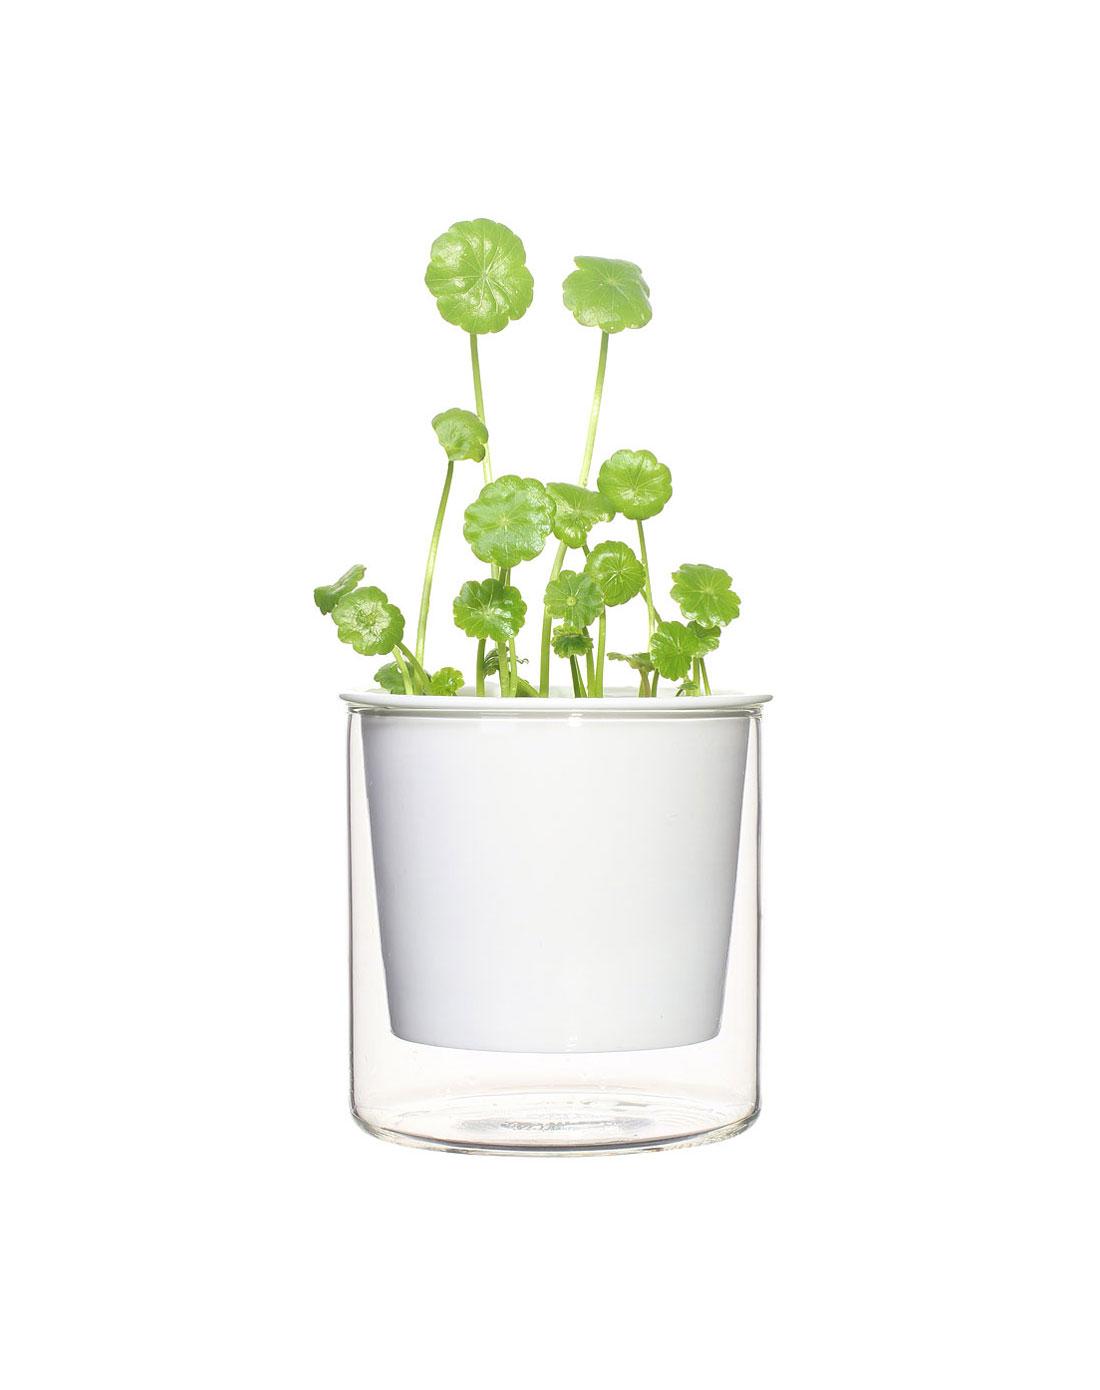 陶瓷玻璃一体花盆